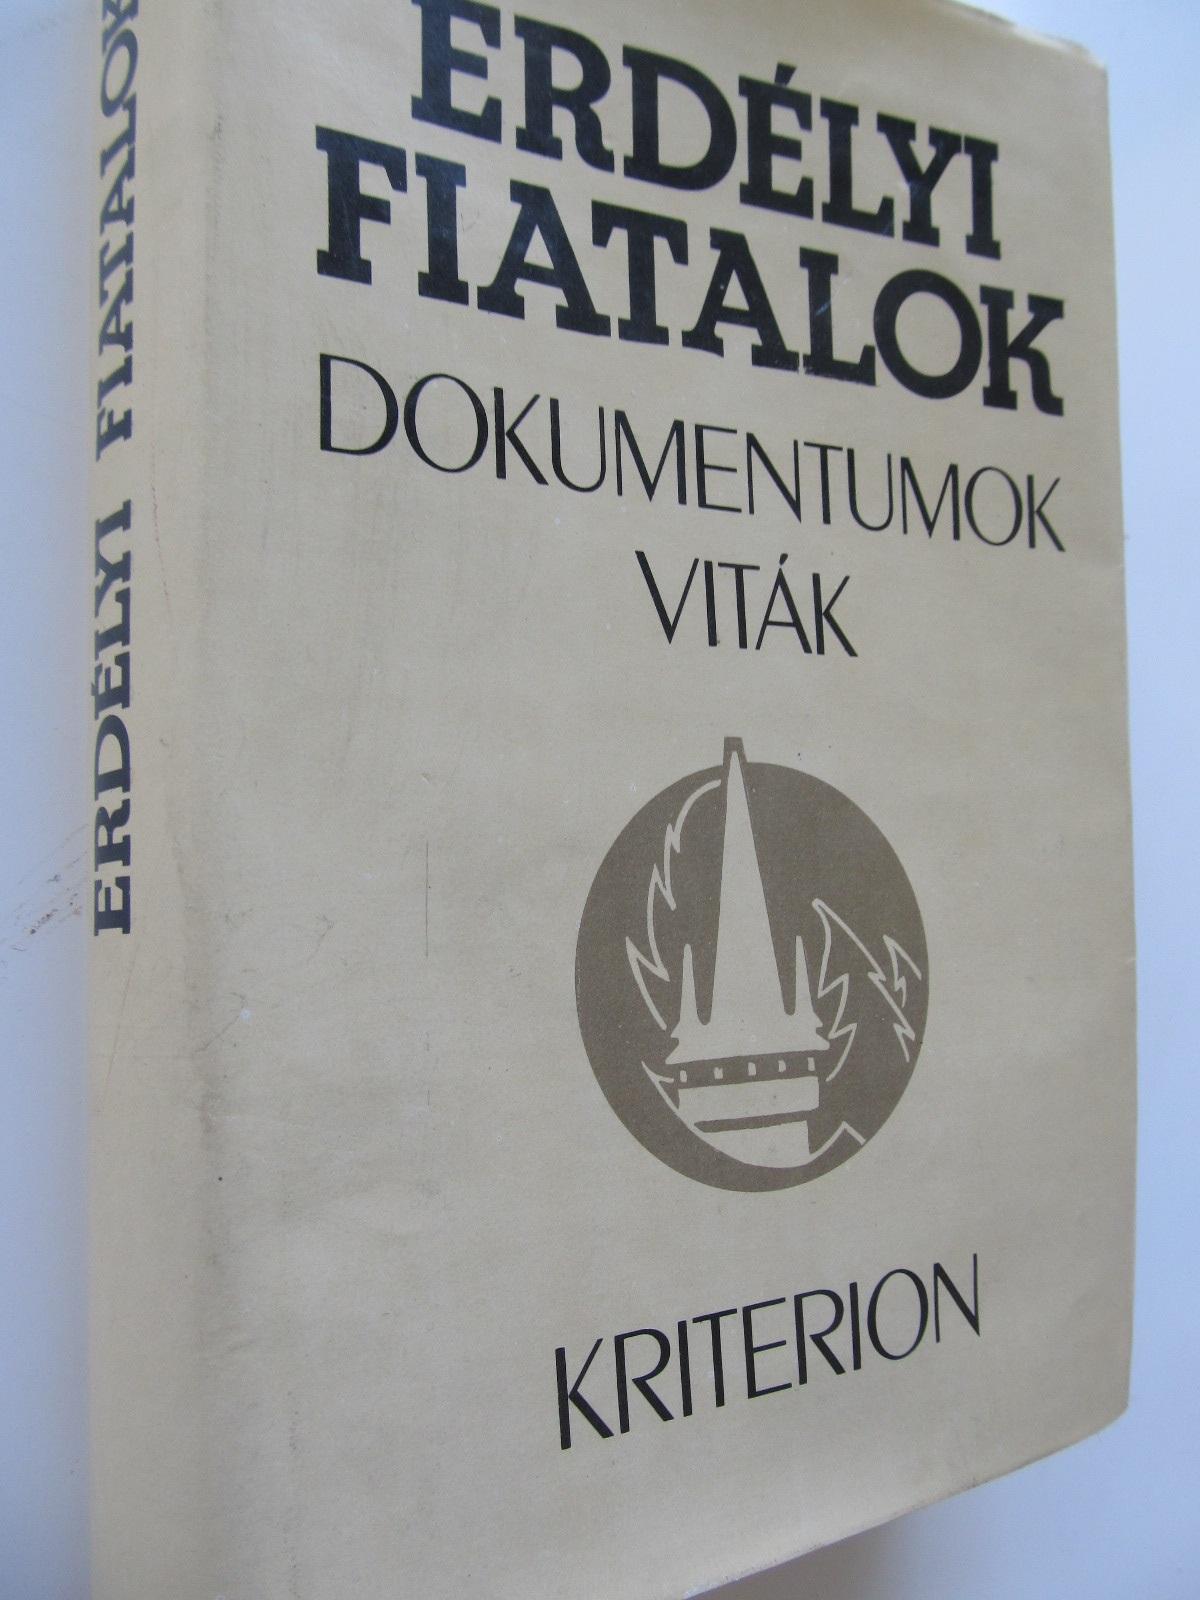 Erdelyi fiatalok dokumentumok vitak (193-1940) - *** | Detalii carte